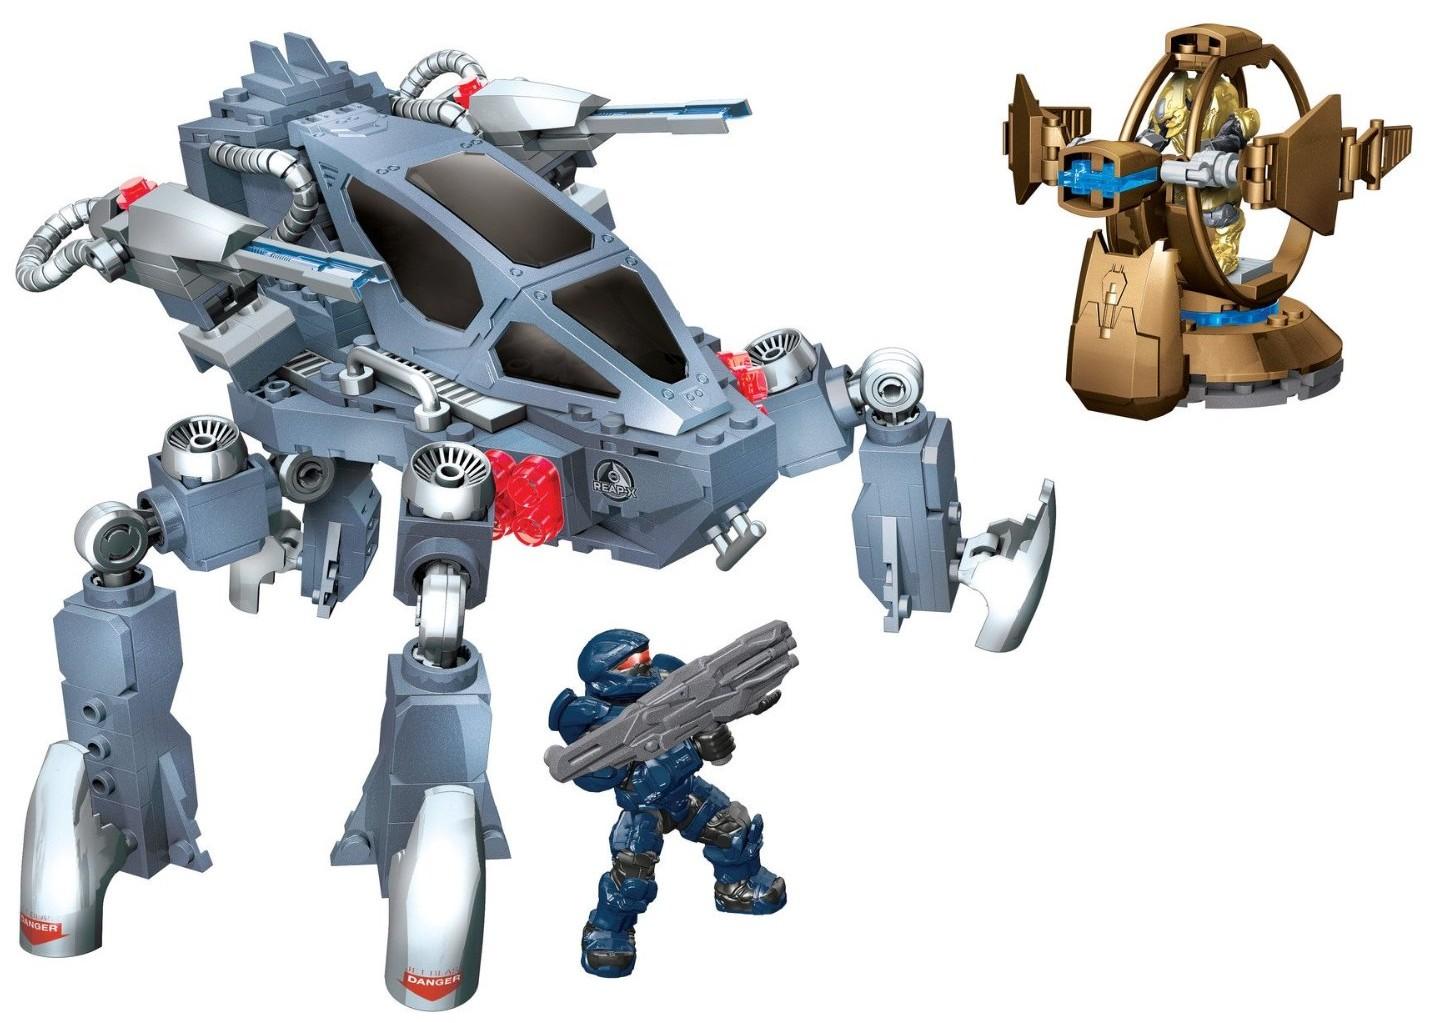 Halo-Mega-Bloks-Quad-Walker-97263-UNSC-O